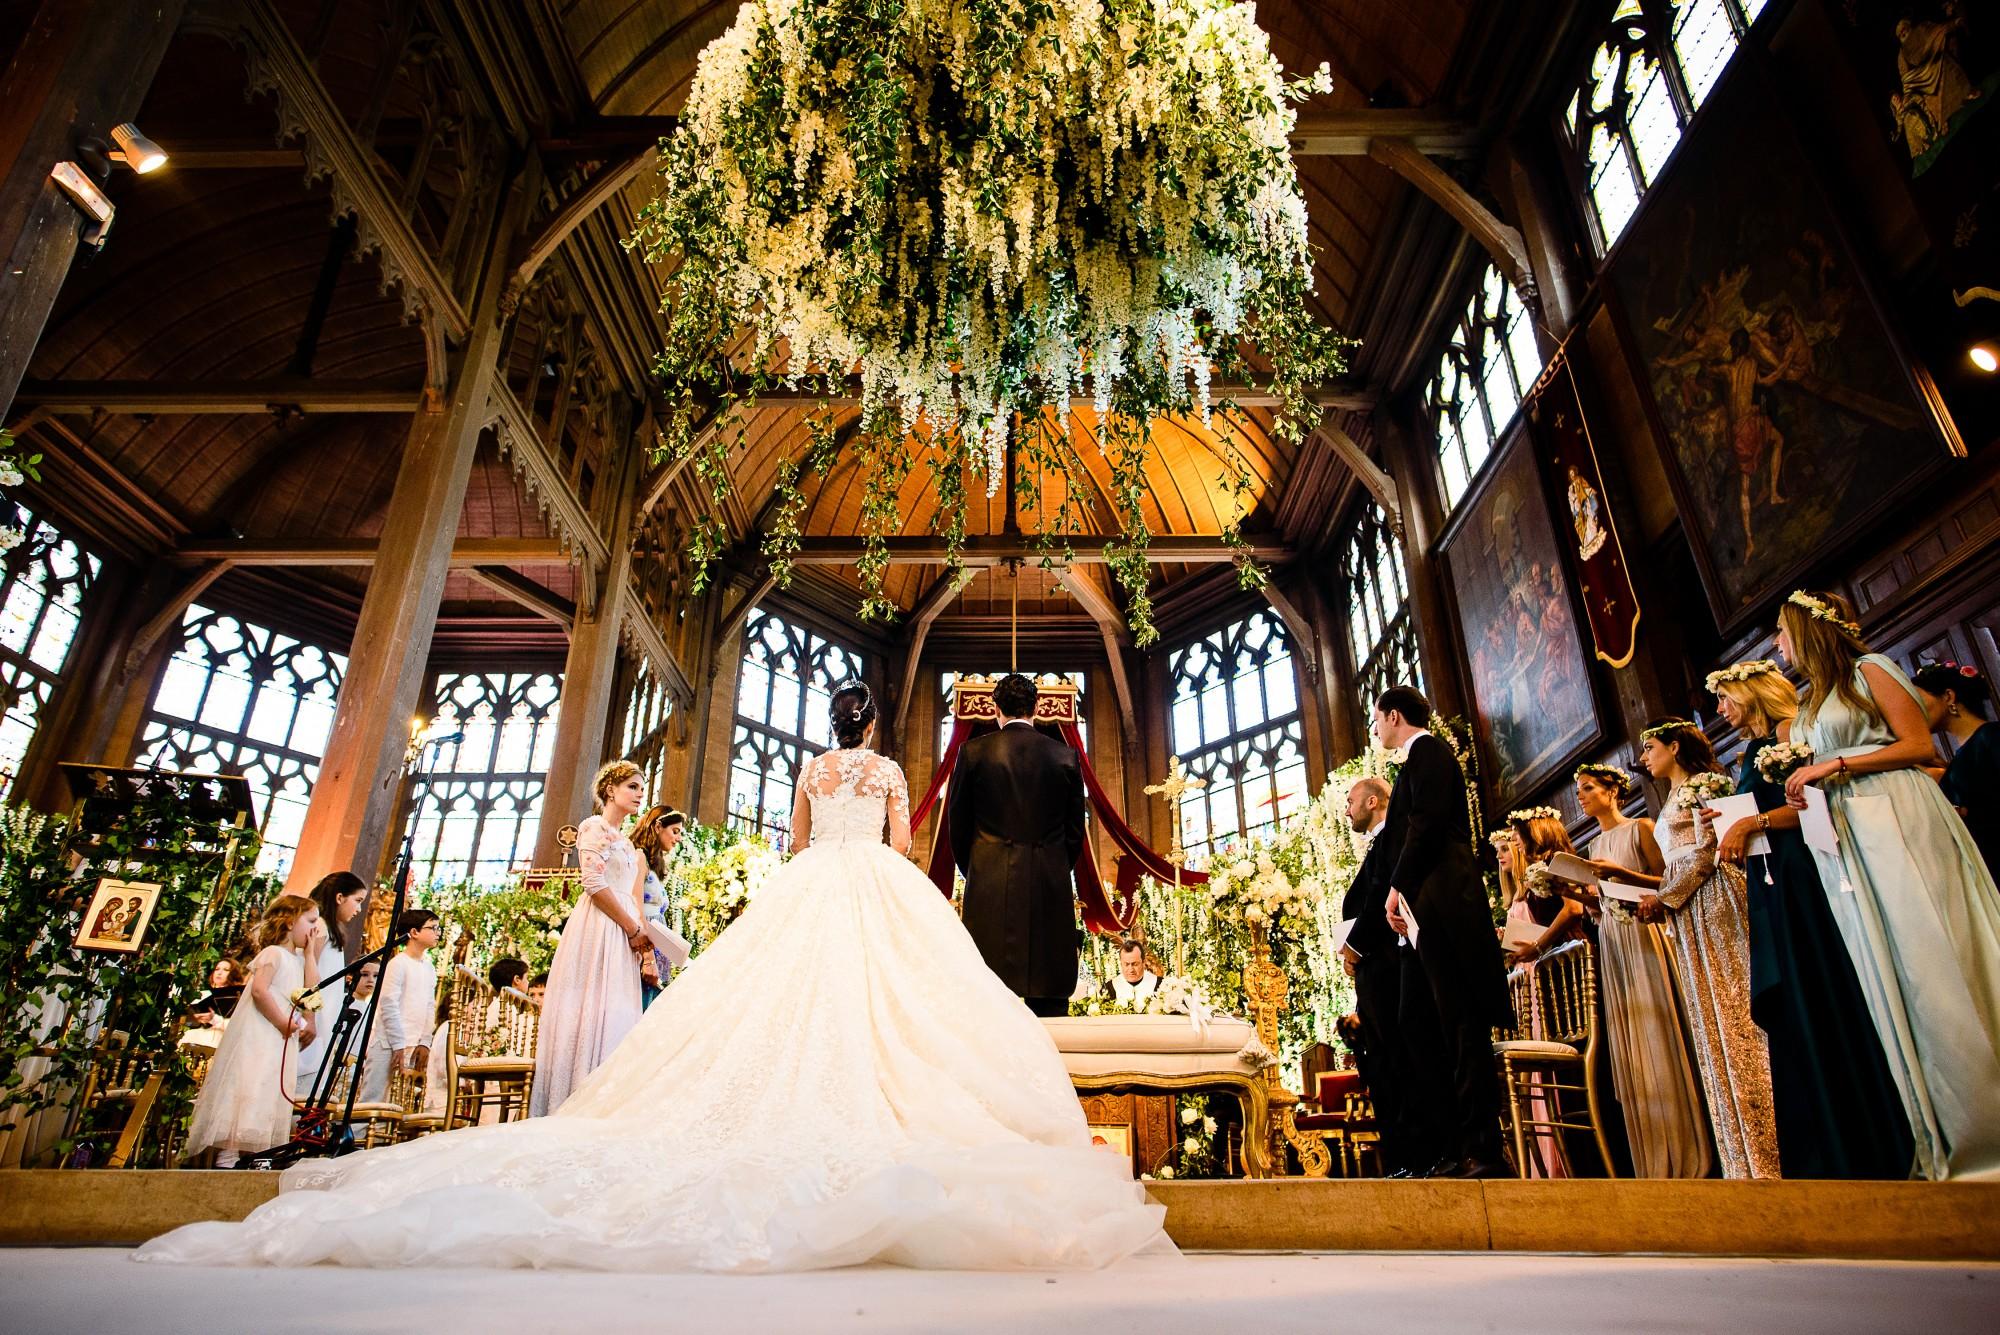 Inside Noor Fares' Fairytale Wedding